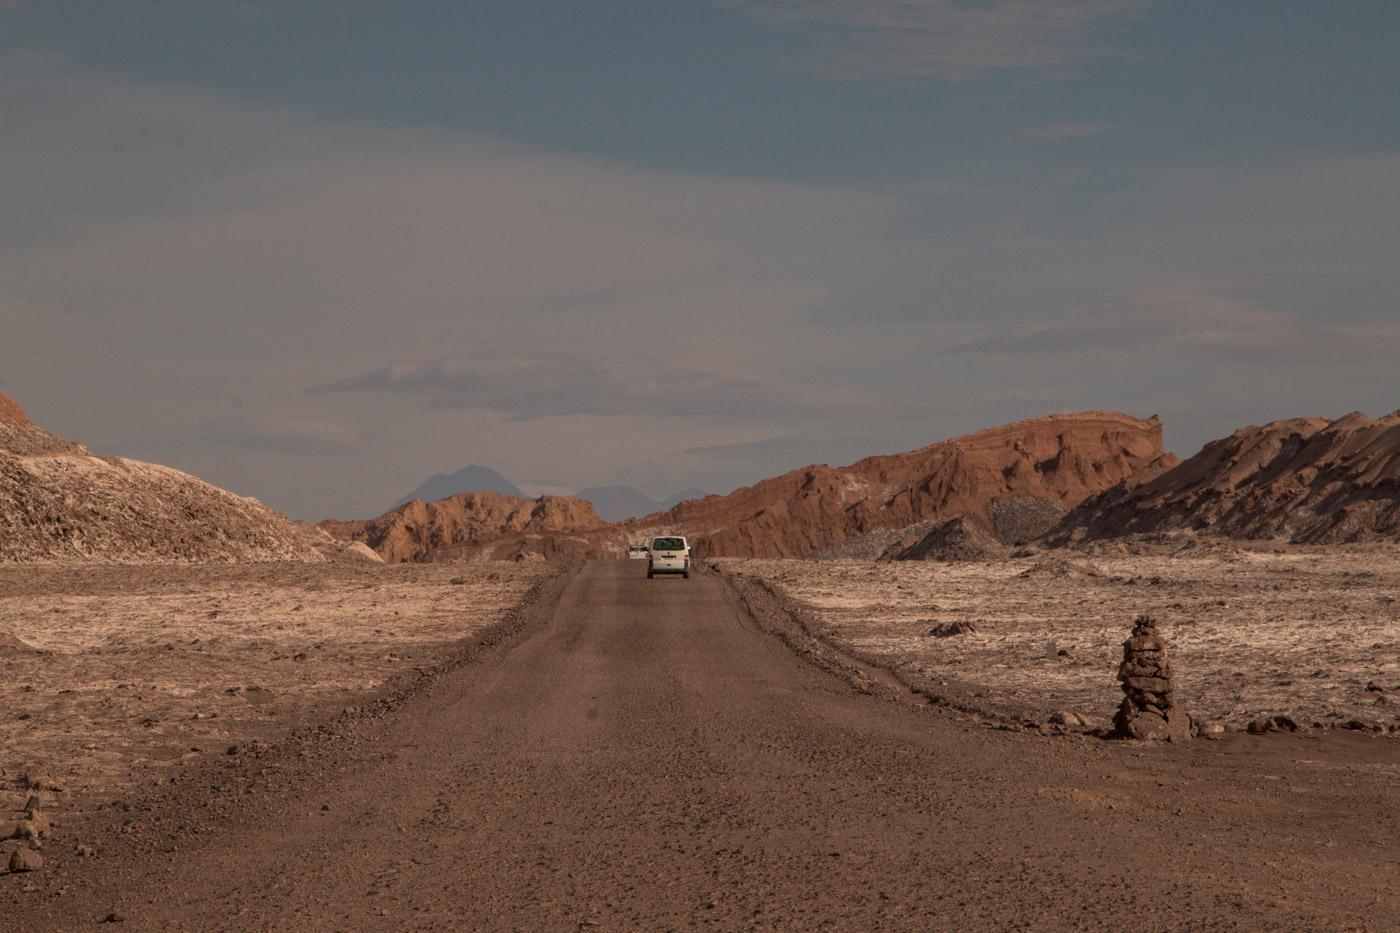 Driving through the Atacama desert